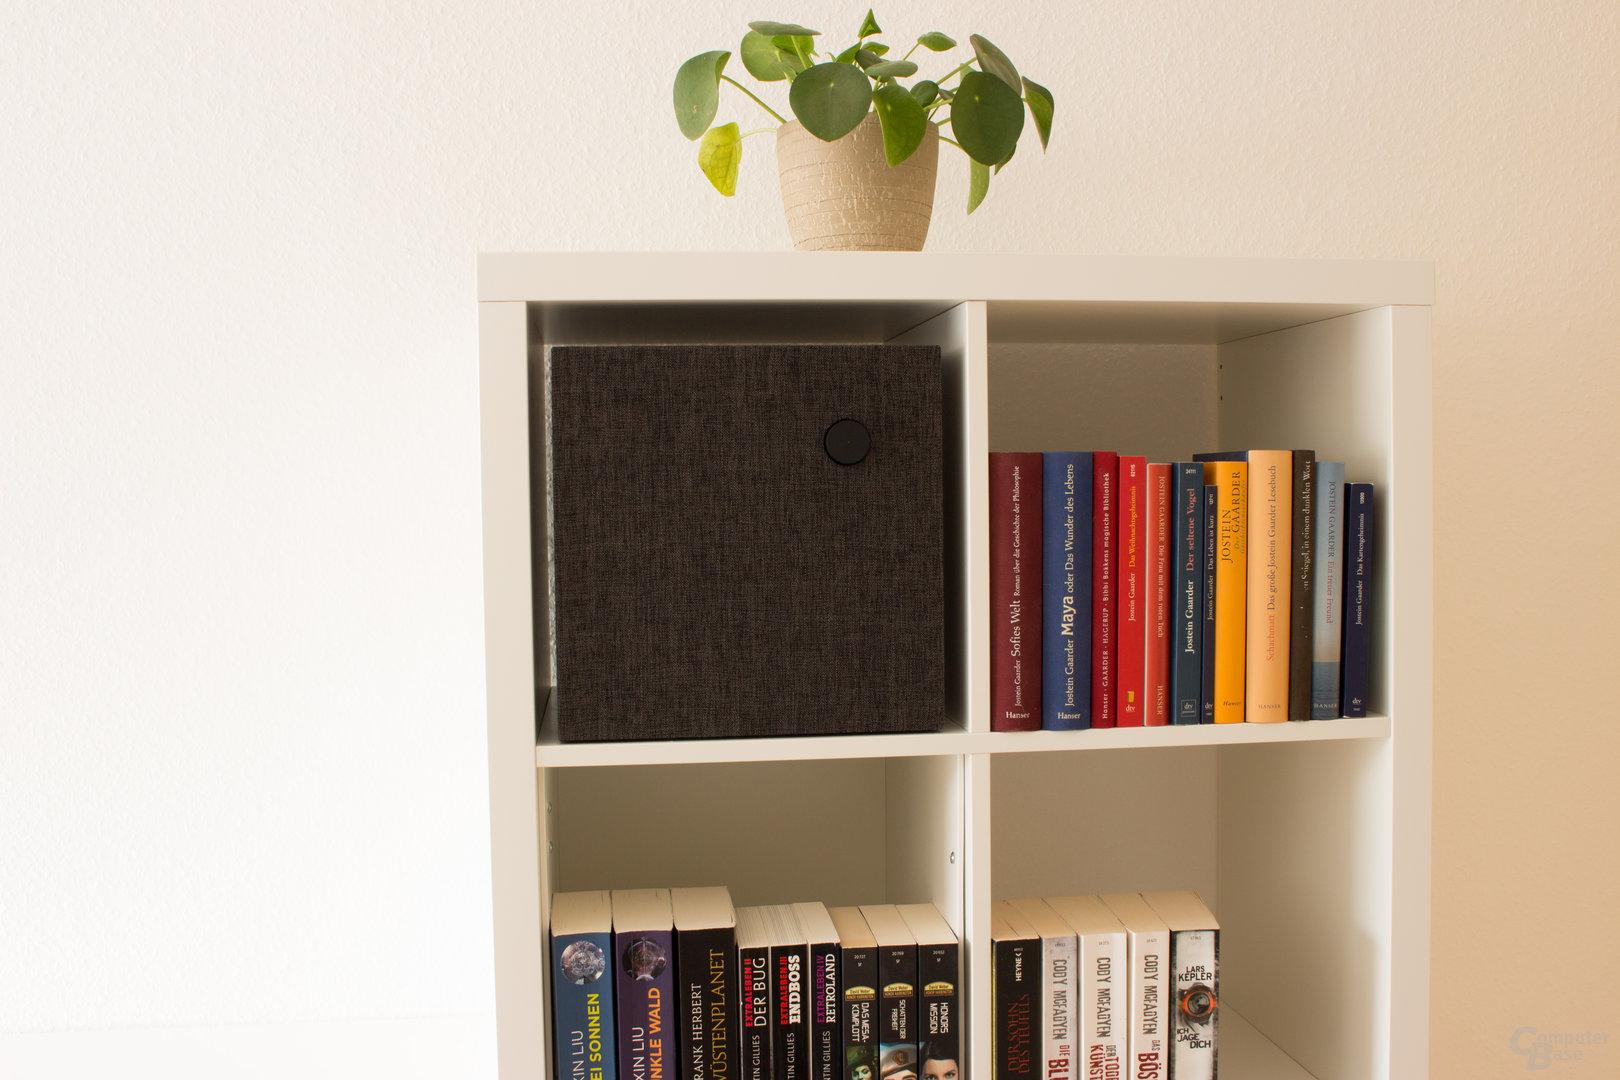 Enebay 30 – passend in das Kallax-System von Ikea